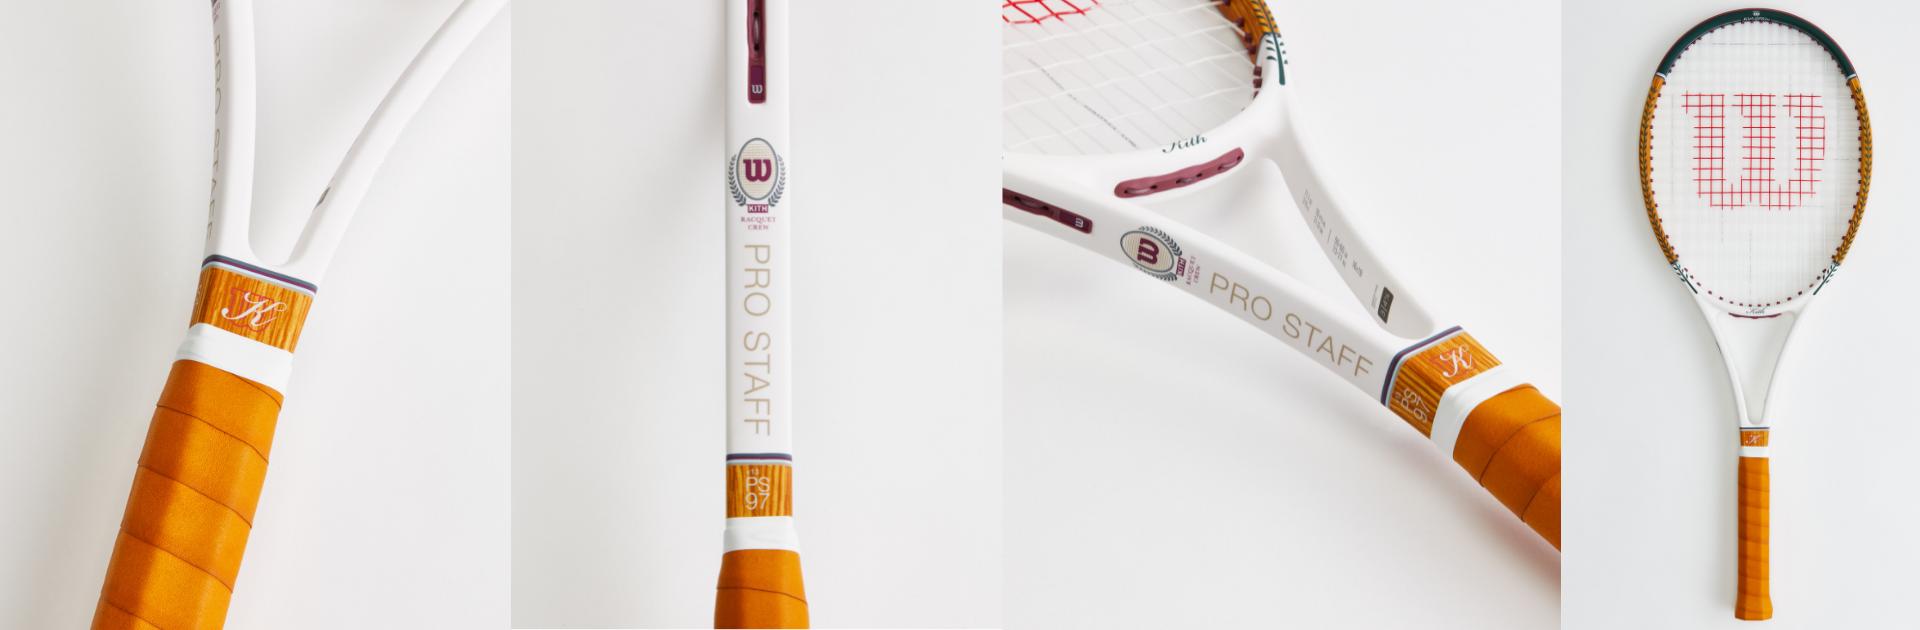 a kith x wilson collab racket